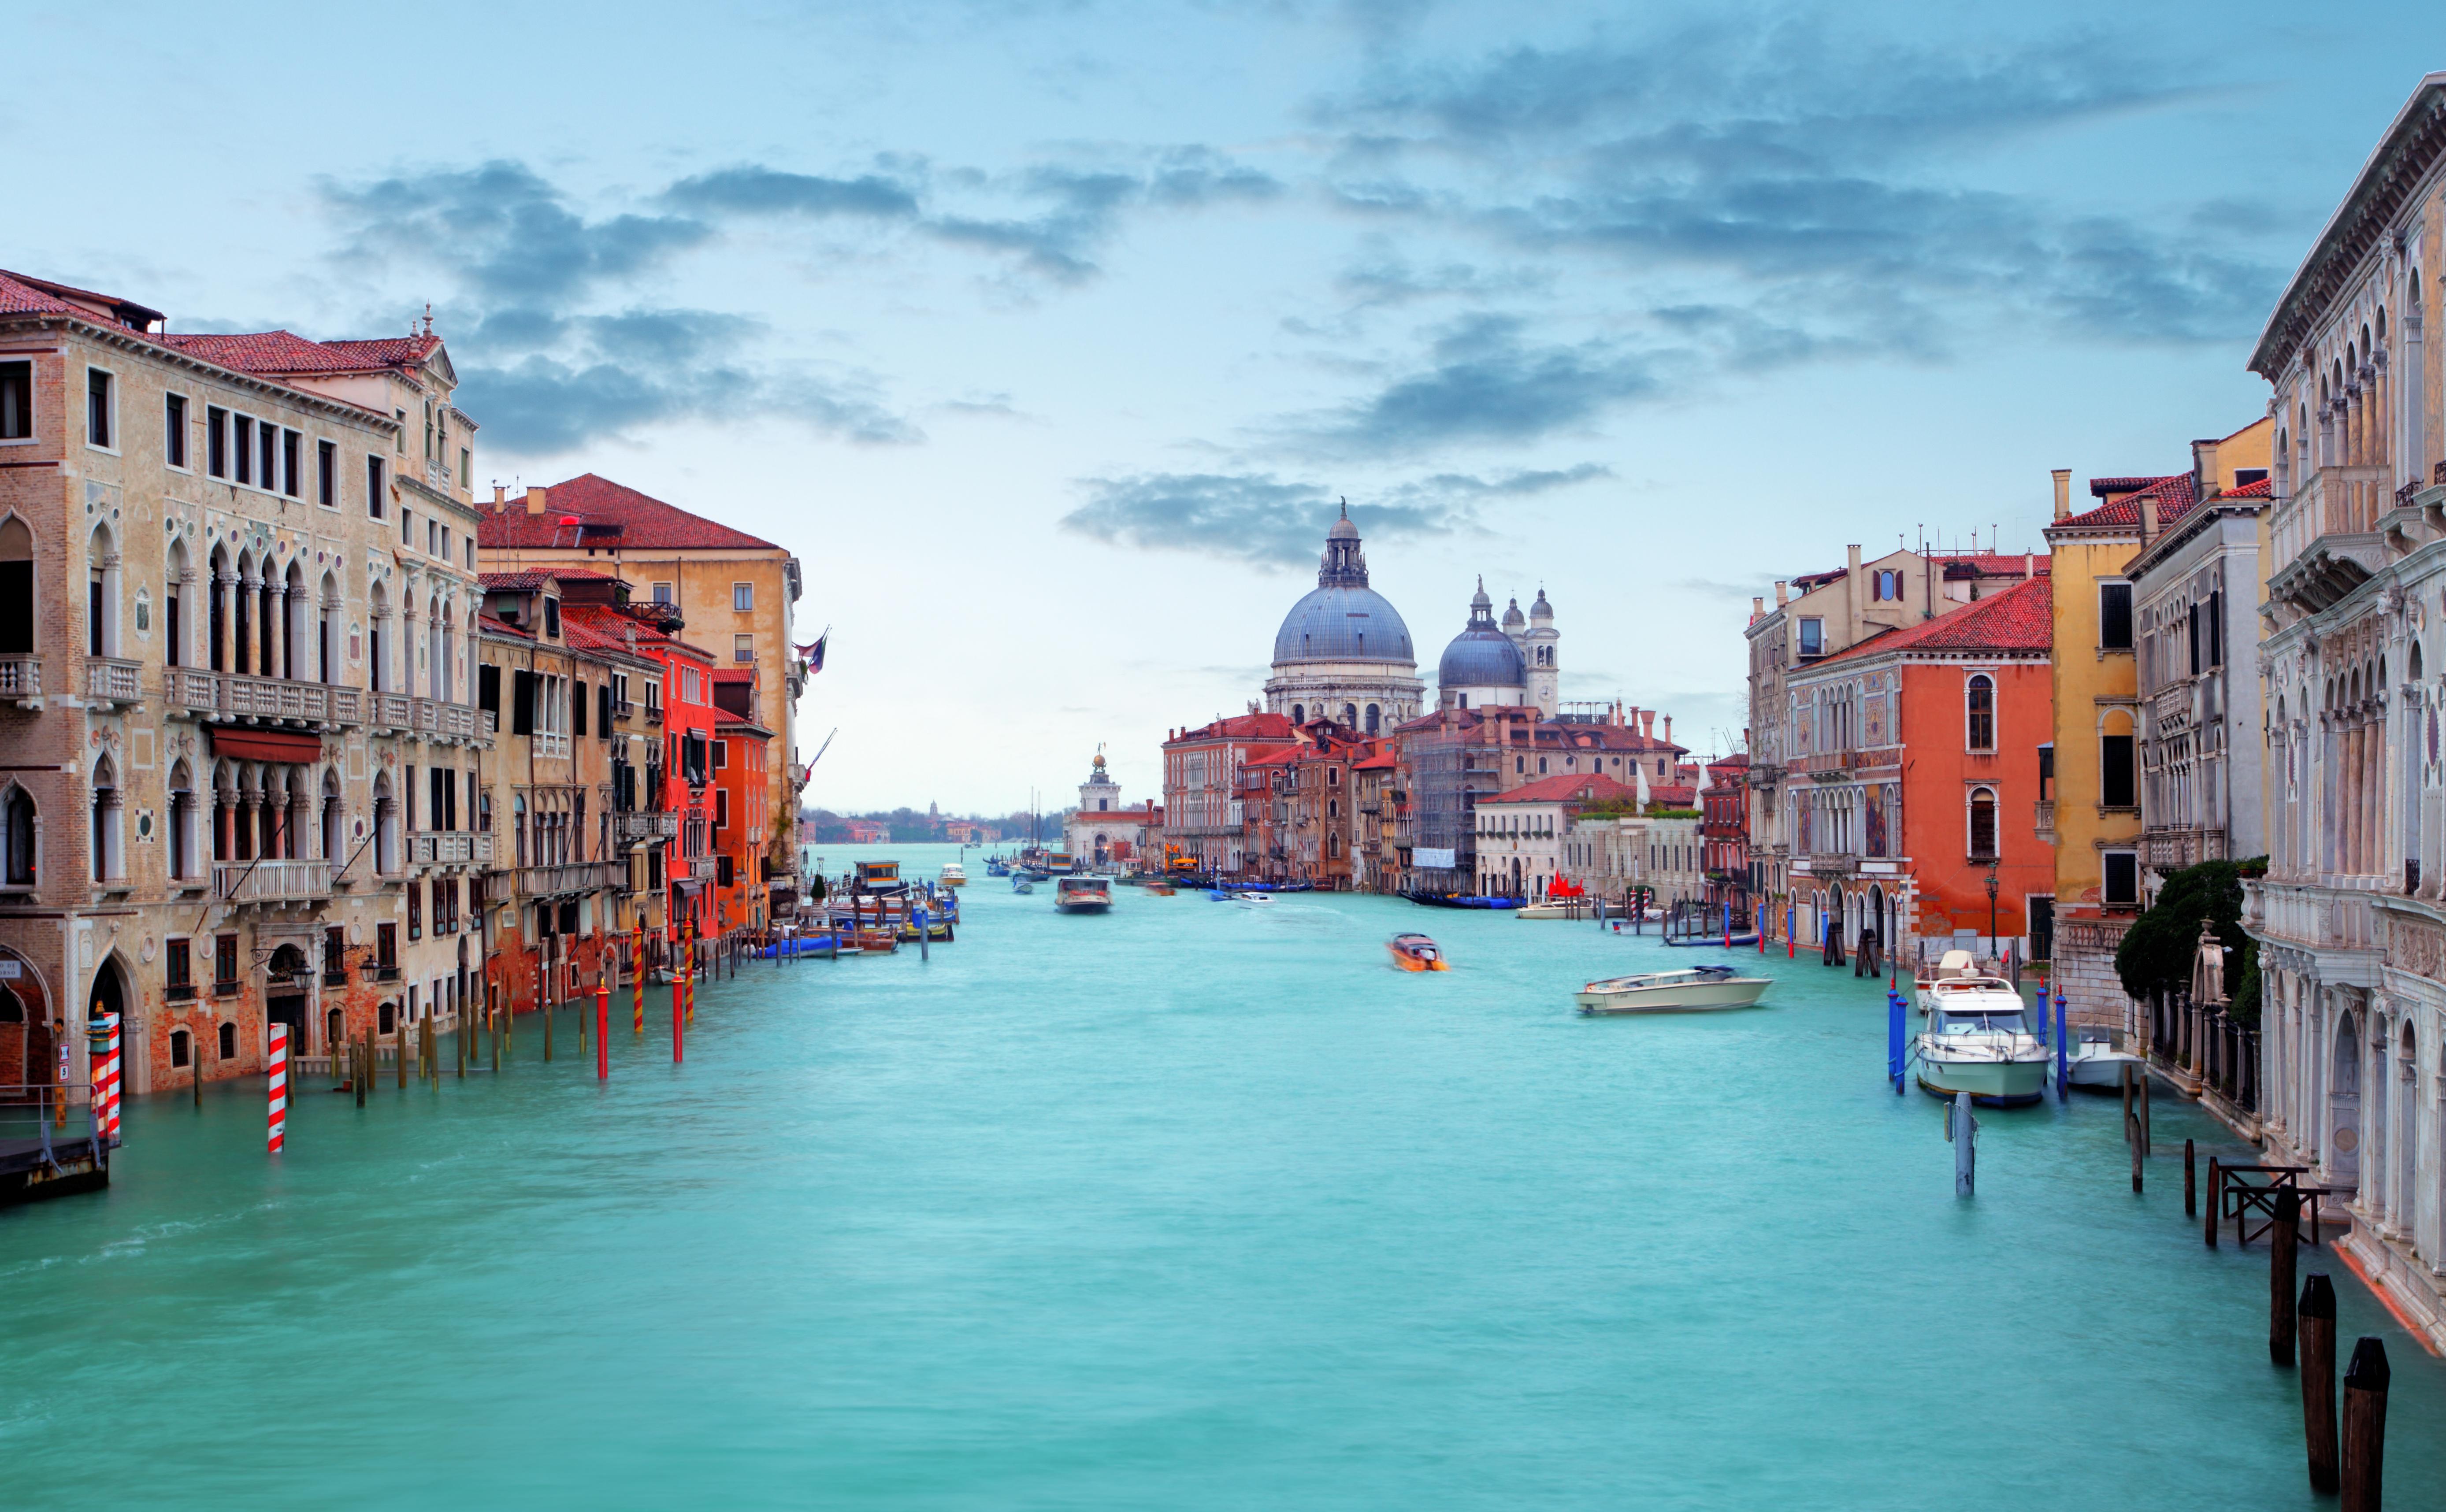 Venice: Epiphany Regatta - Dream of Italy